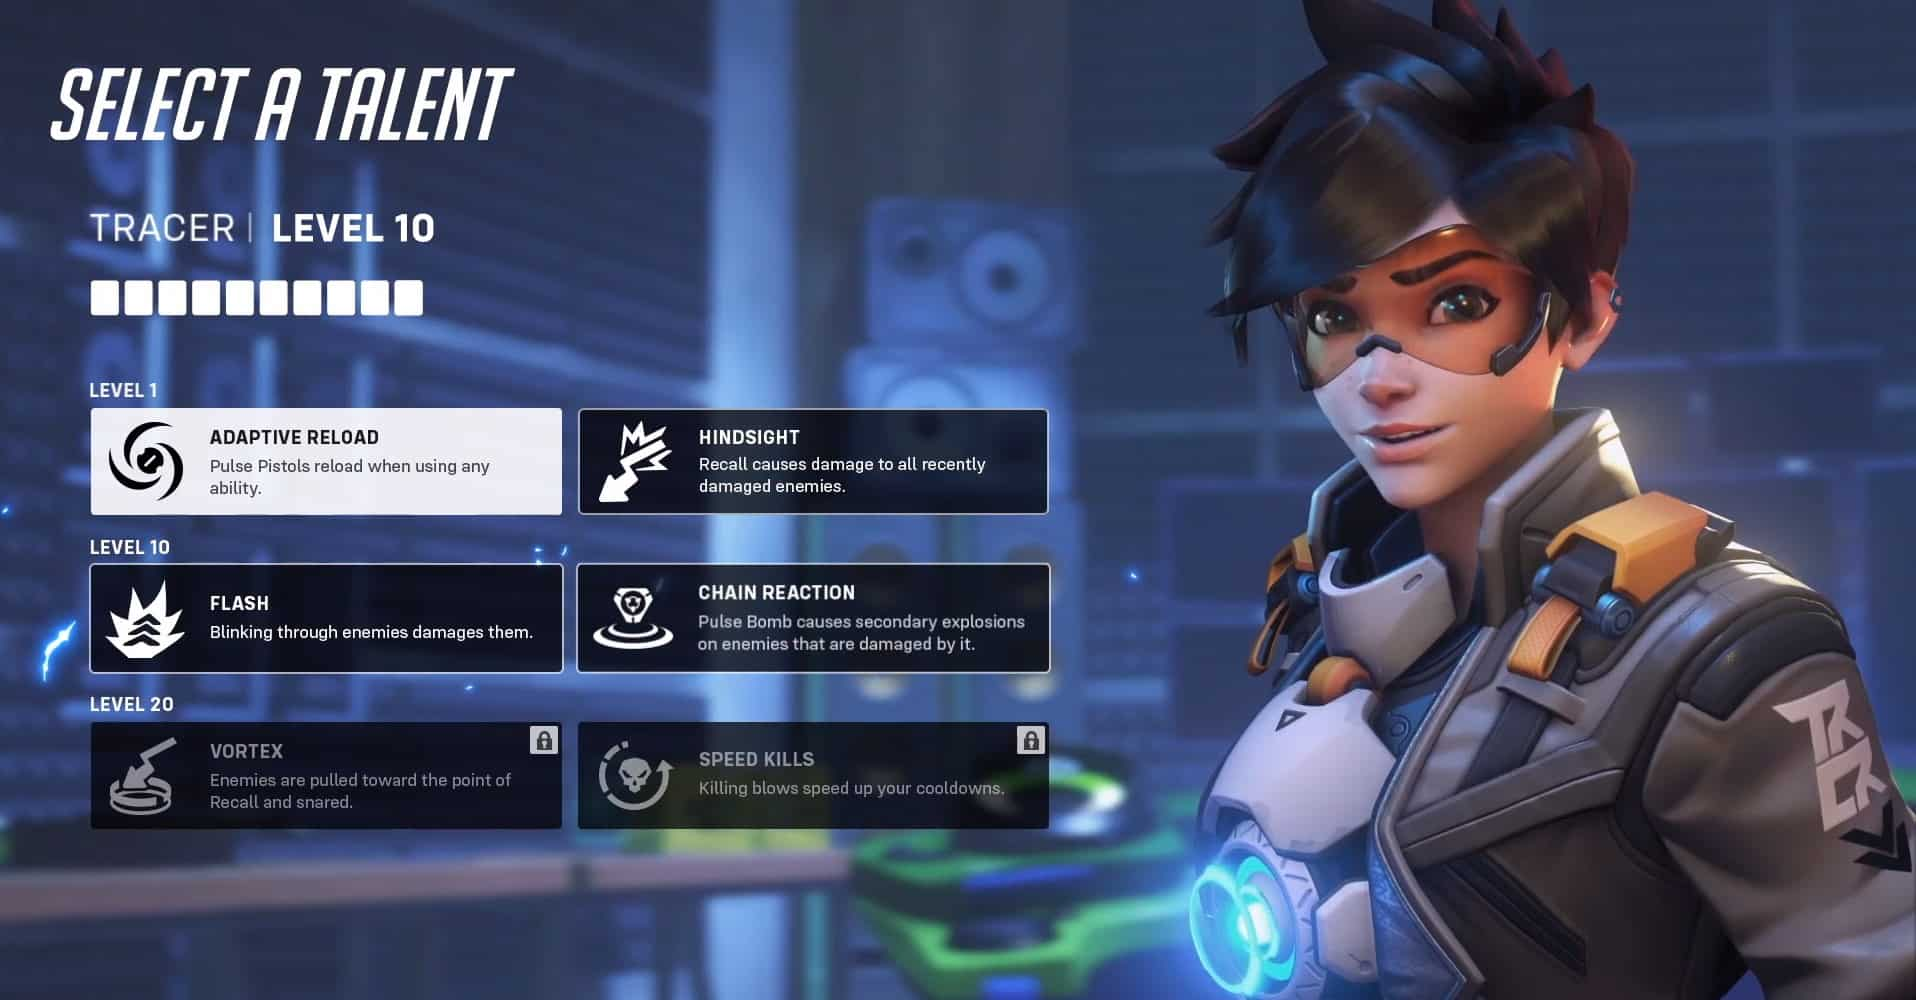 overwatch-2-talents-nouveautes-blizzcon-niveaux-heros-tracer-leak